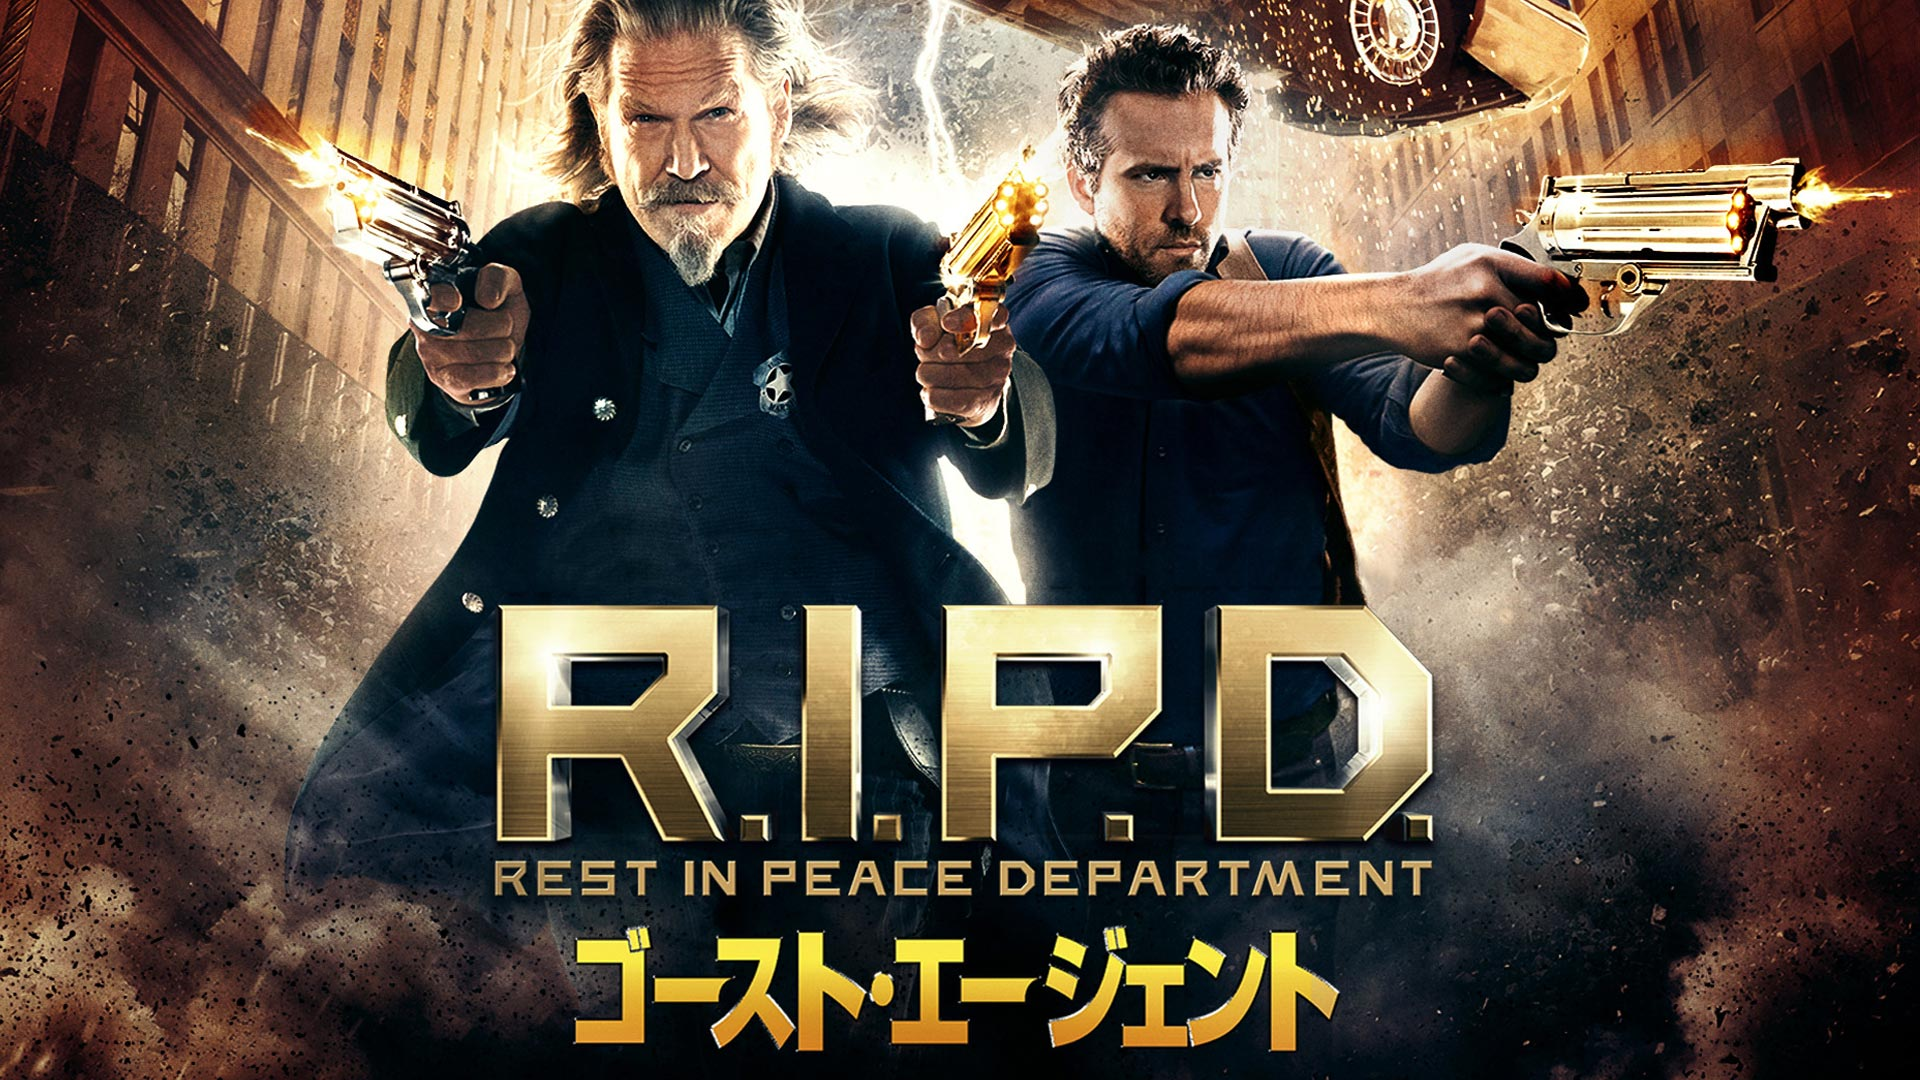 ゴースト・エージェントR.I.P.D. Rest In Peace Department (字幕版)